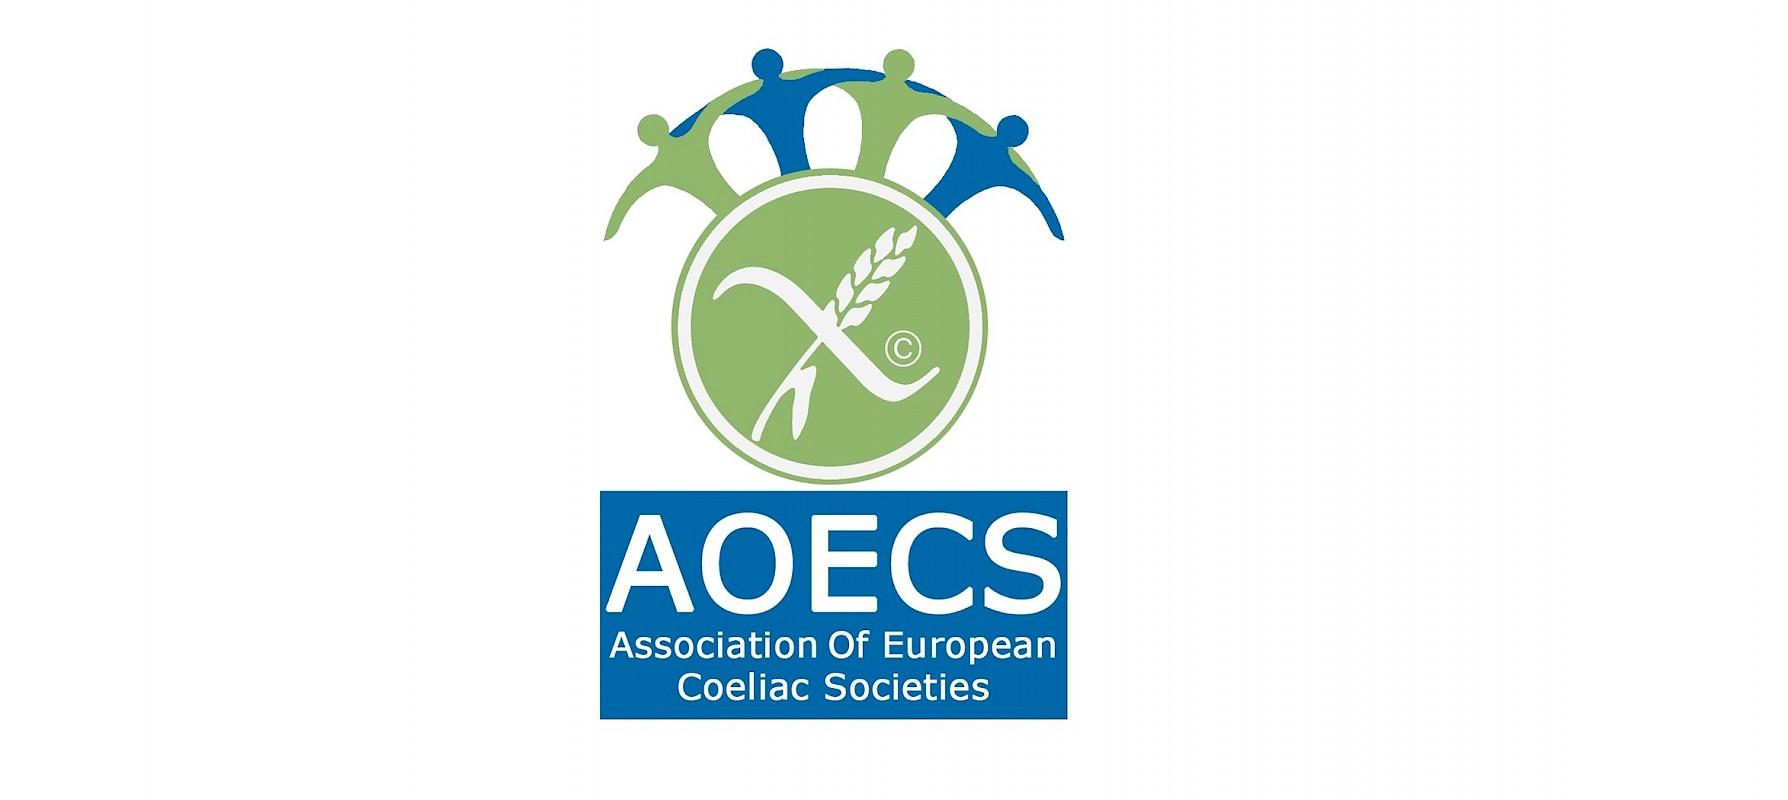 AOECS stranice certificiranih bezglutenskih proizvoda